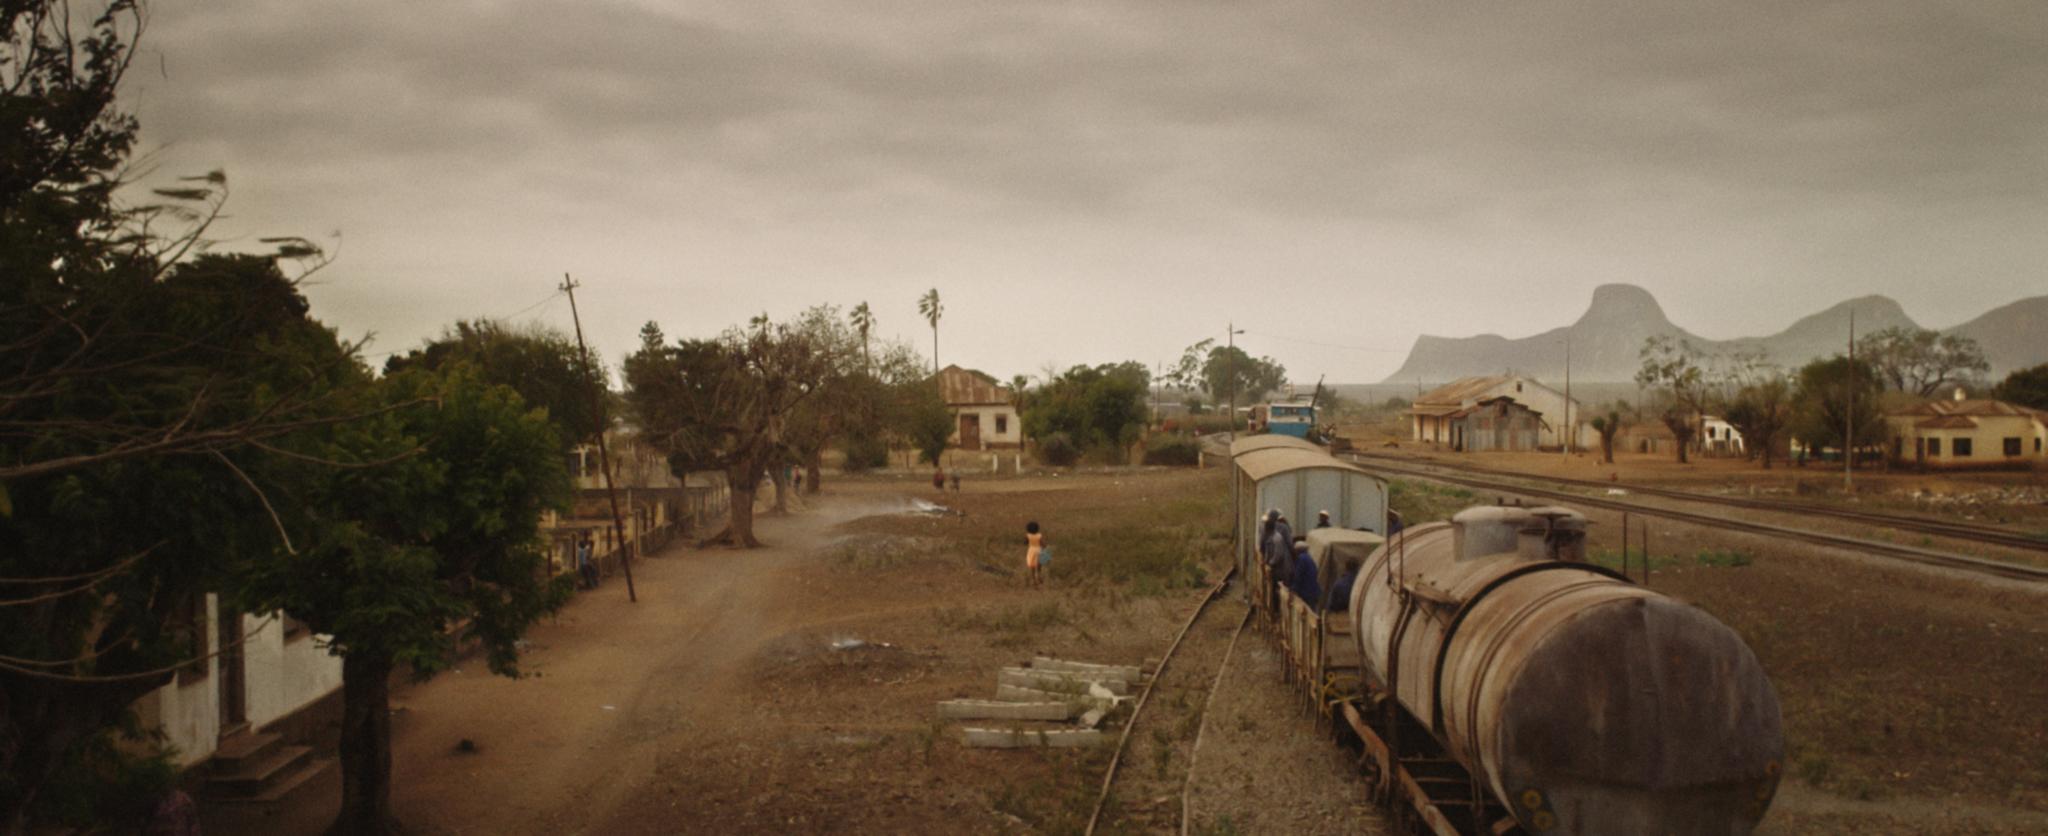 Comboio 8.jpg